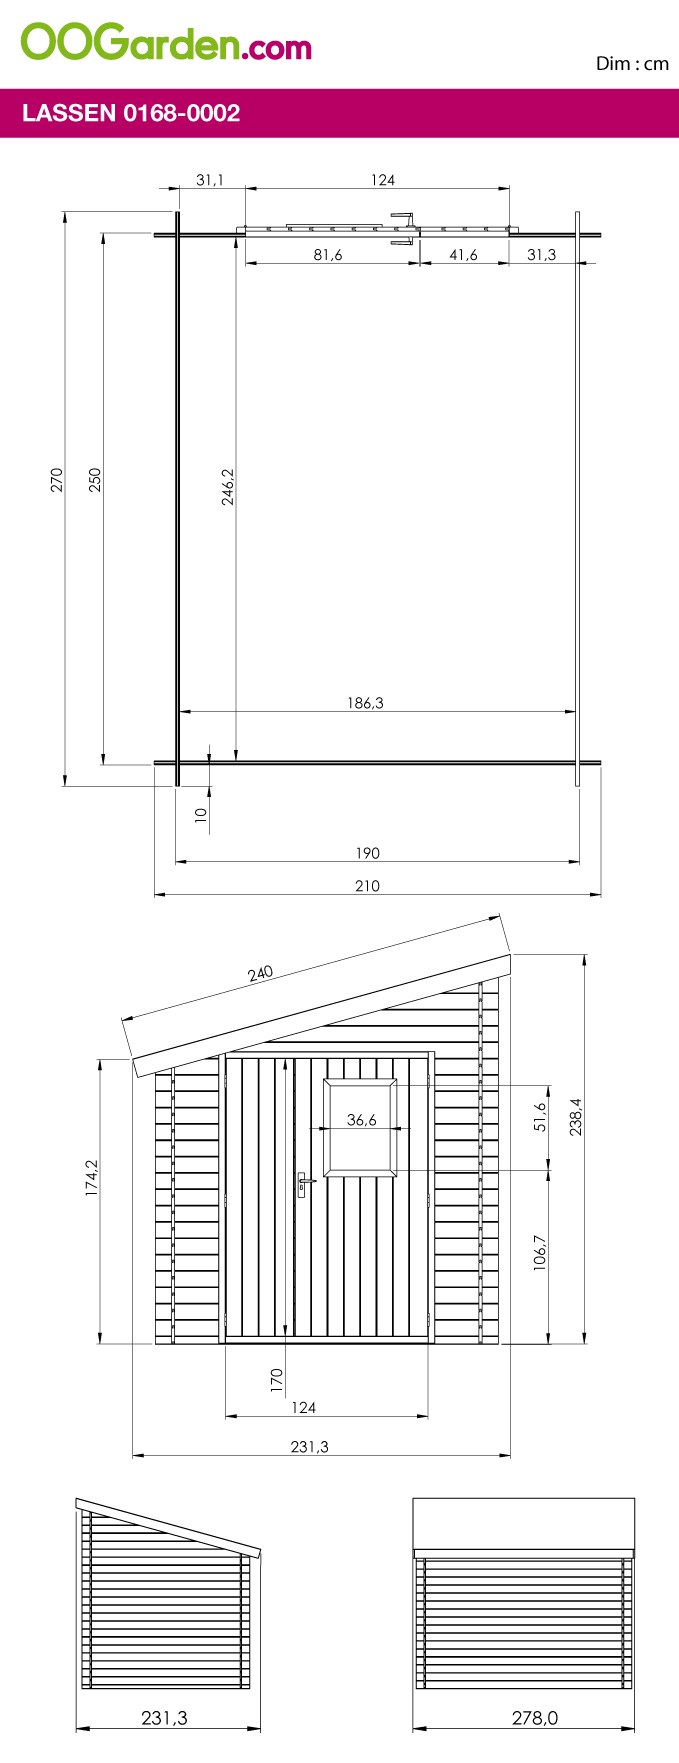 Abri En Bois Adossée 6 M² - Modèle Lassen - Oogarden France ... serapportantà Abri De Jardin Oogarden